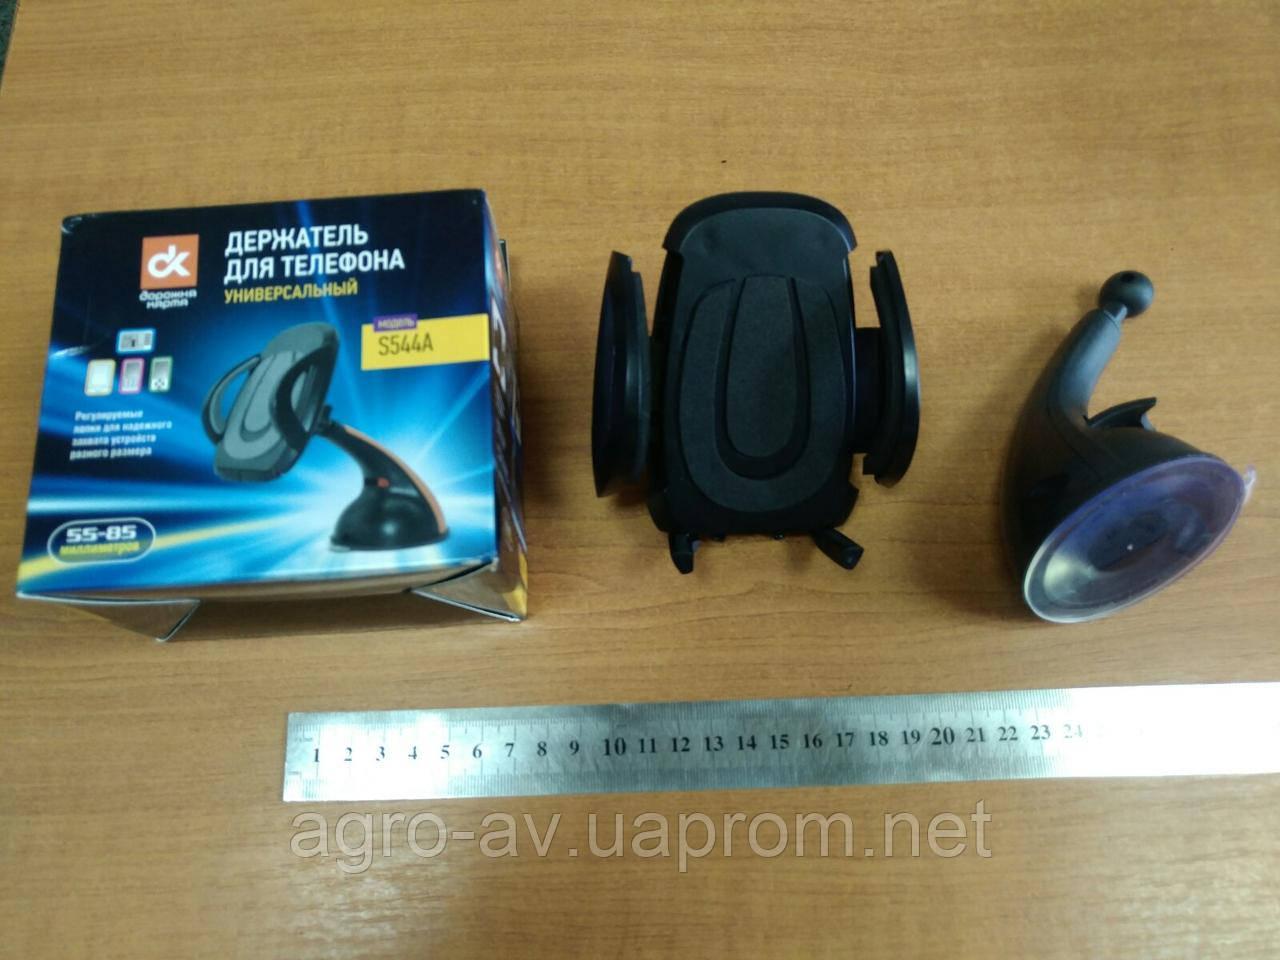 Держатель для телефона (S544A) универсальный, 55-85мм., картон <ДК>(ВИДЕО)